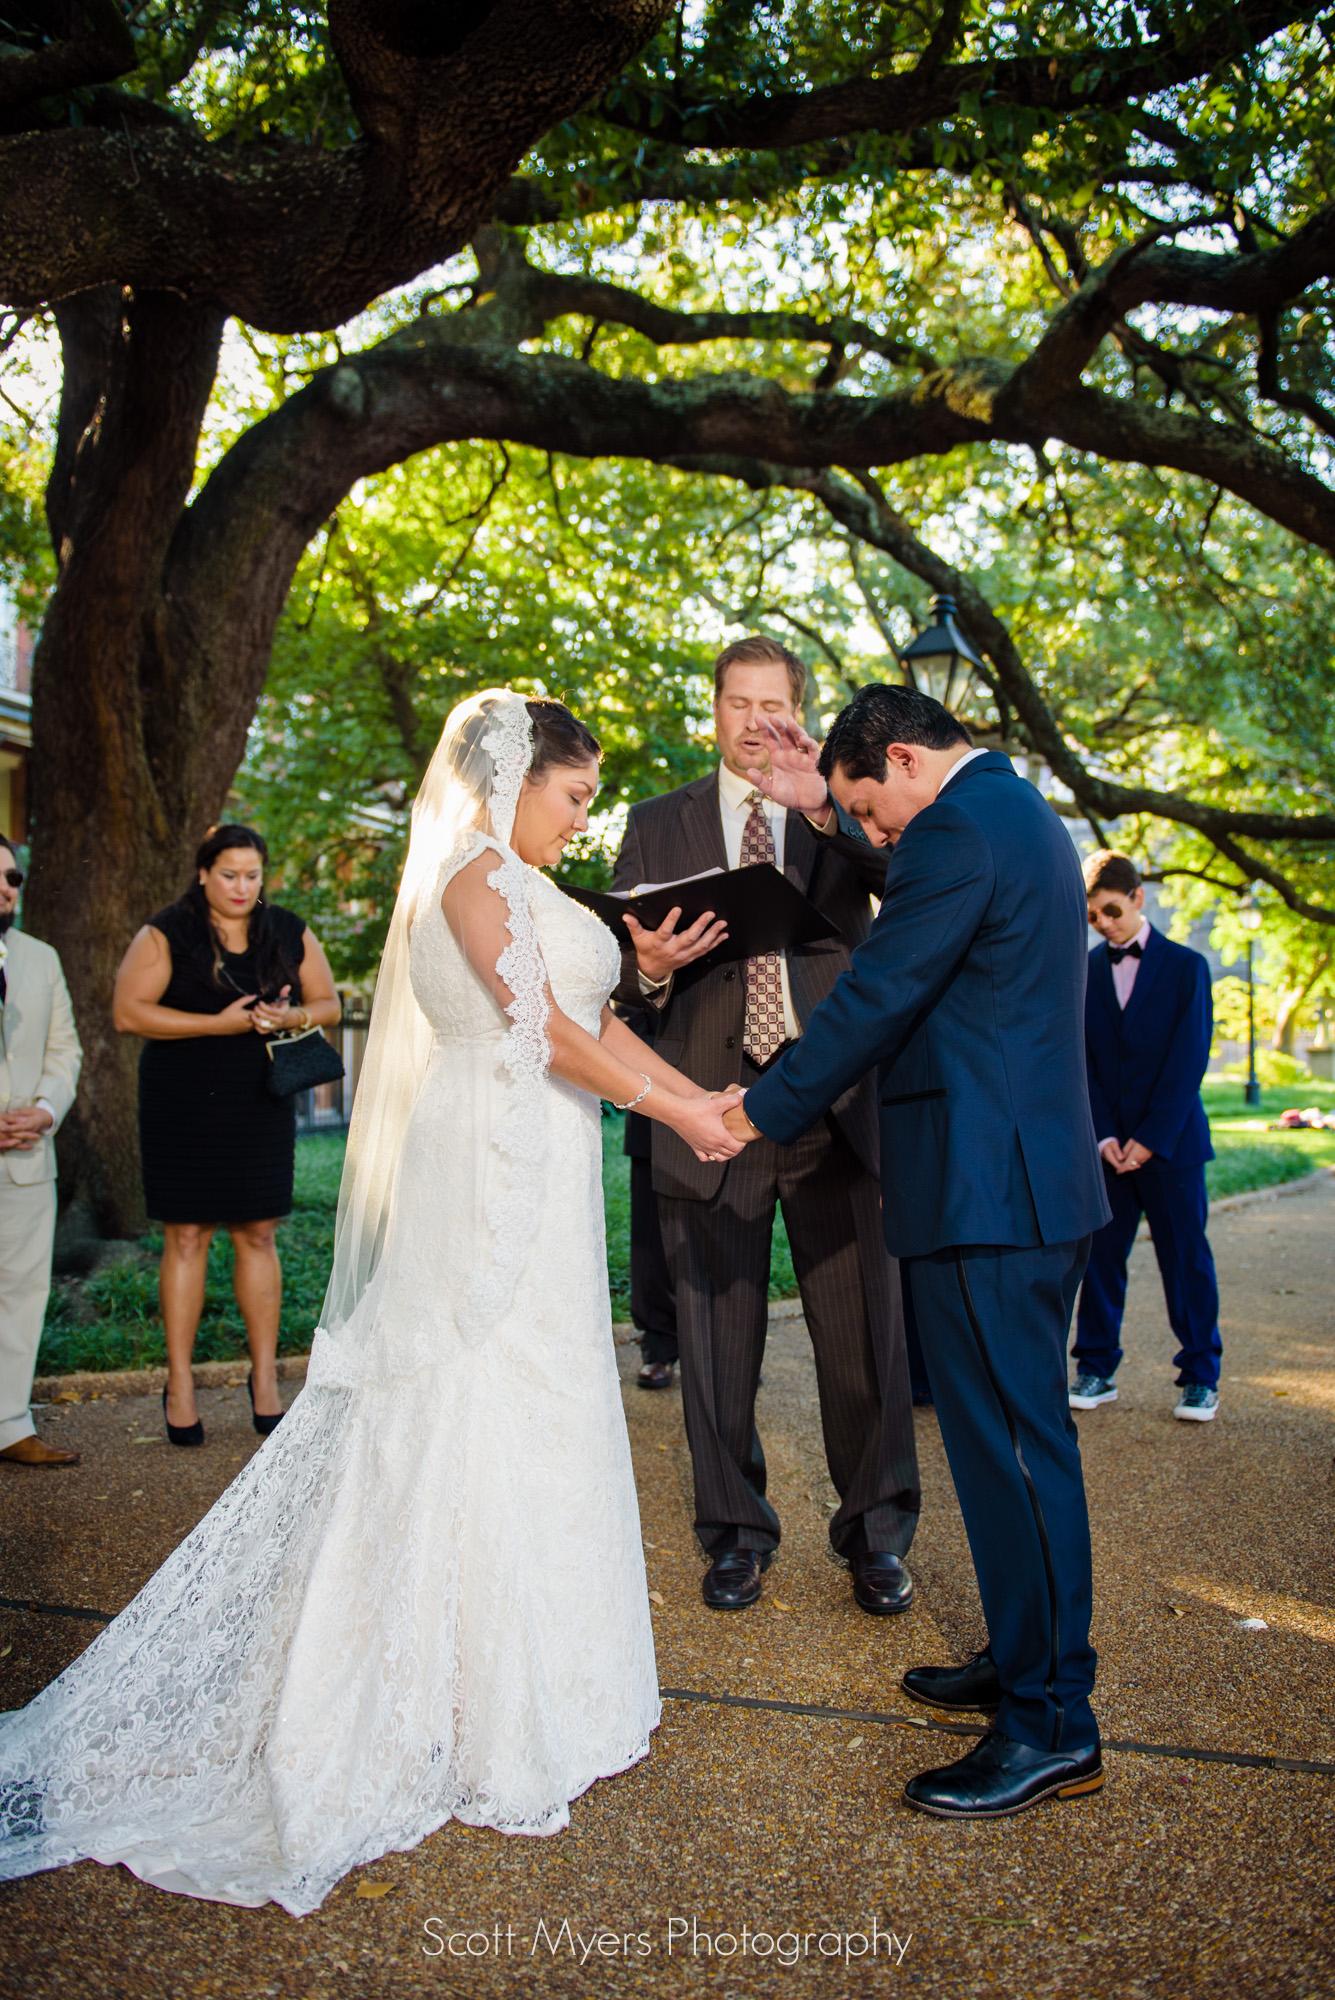 Scott_Myers_Wedding_New_Orleans_025.jpg